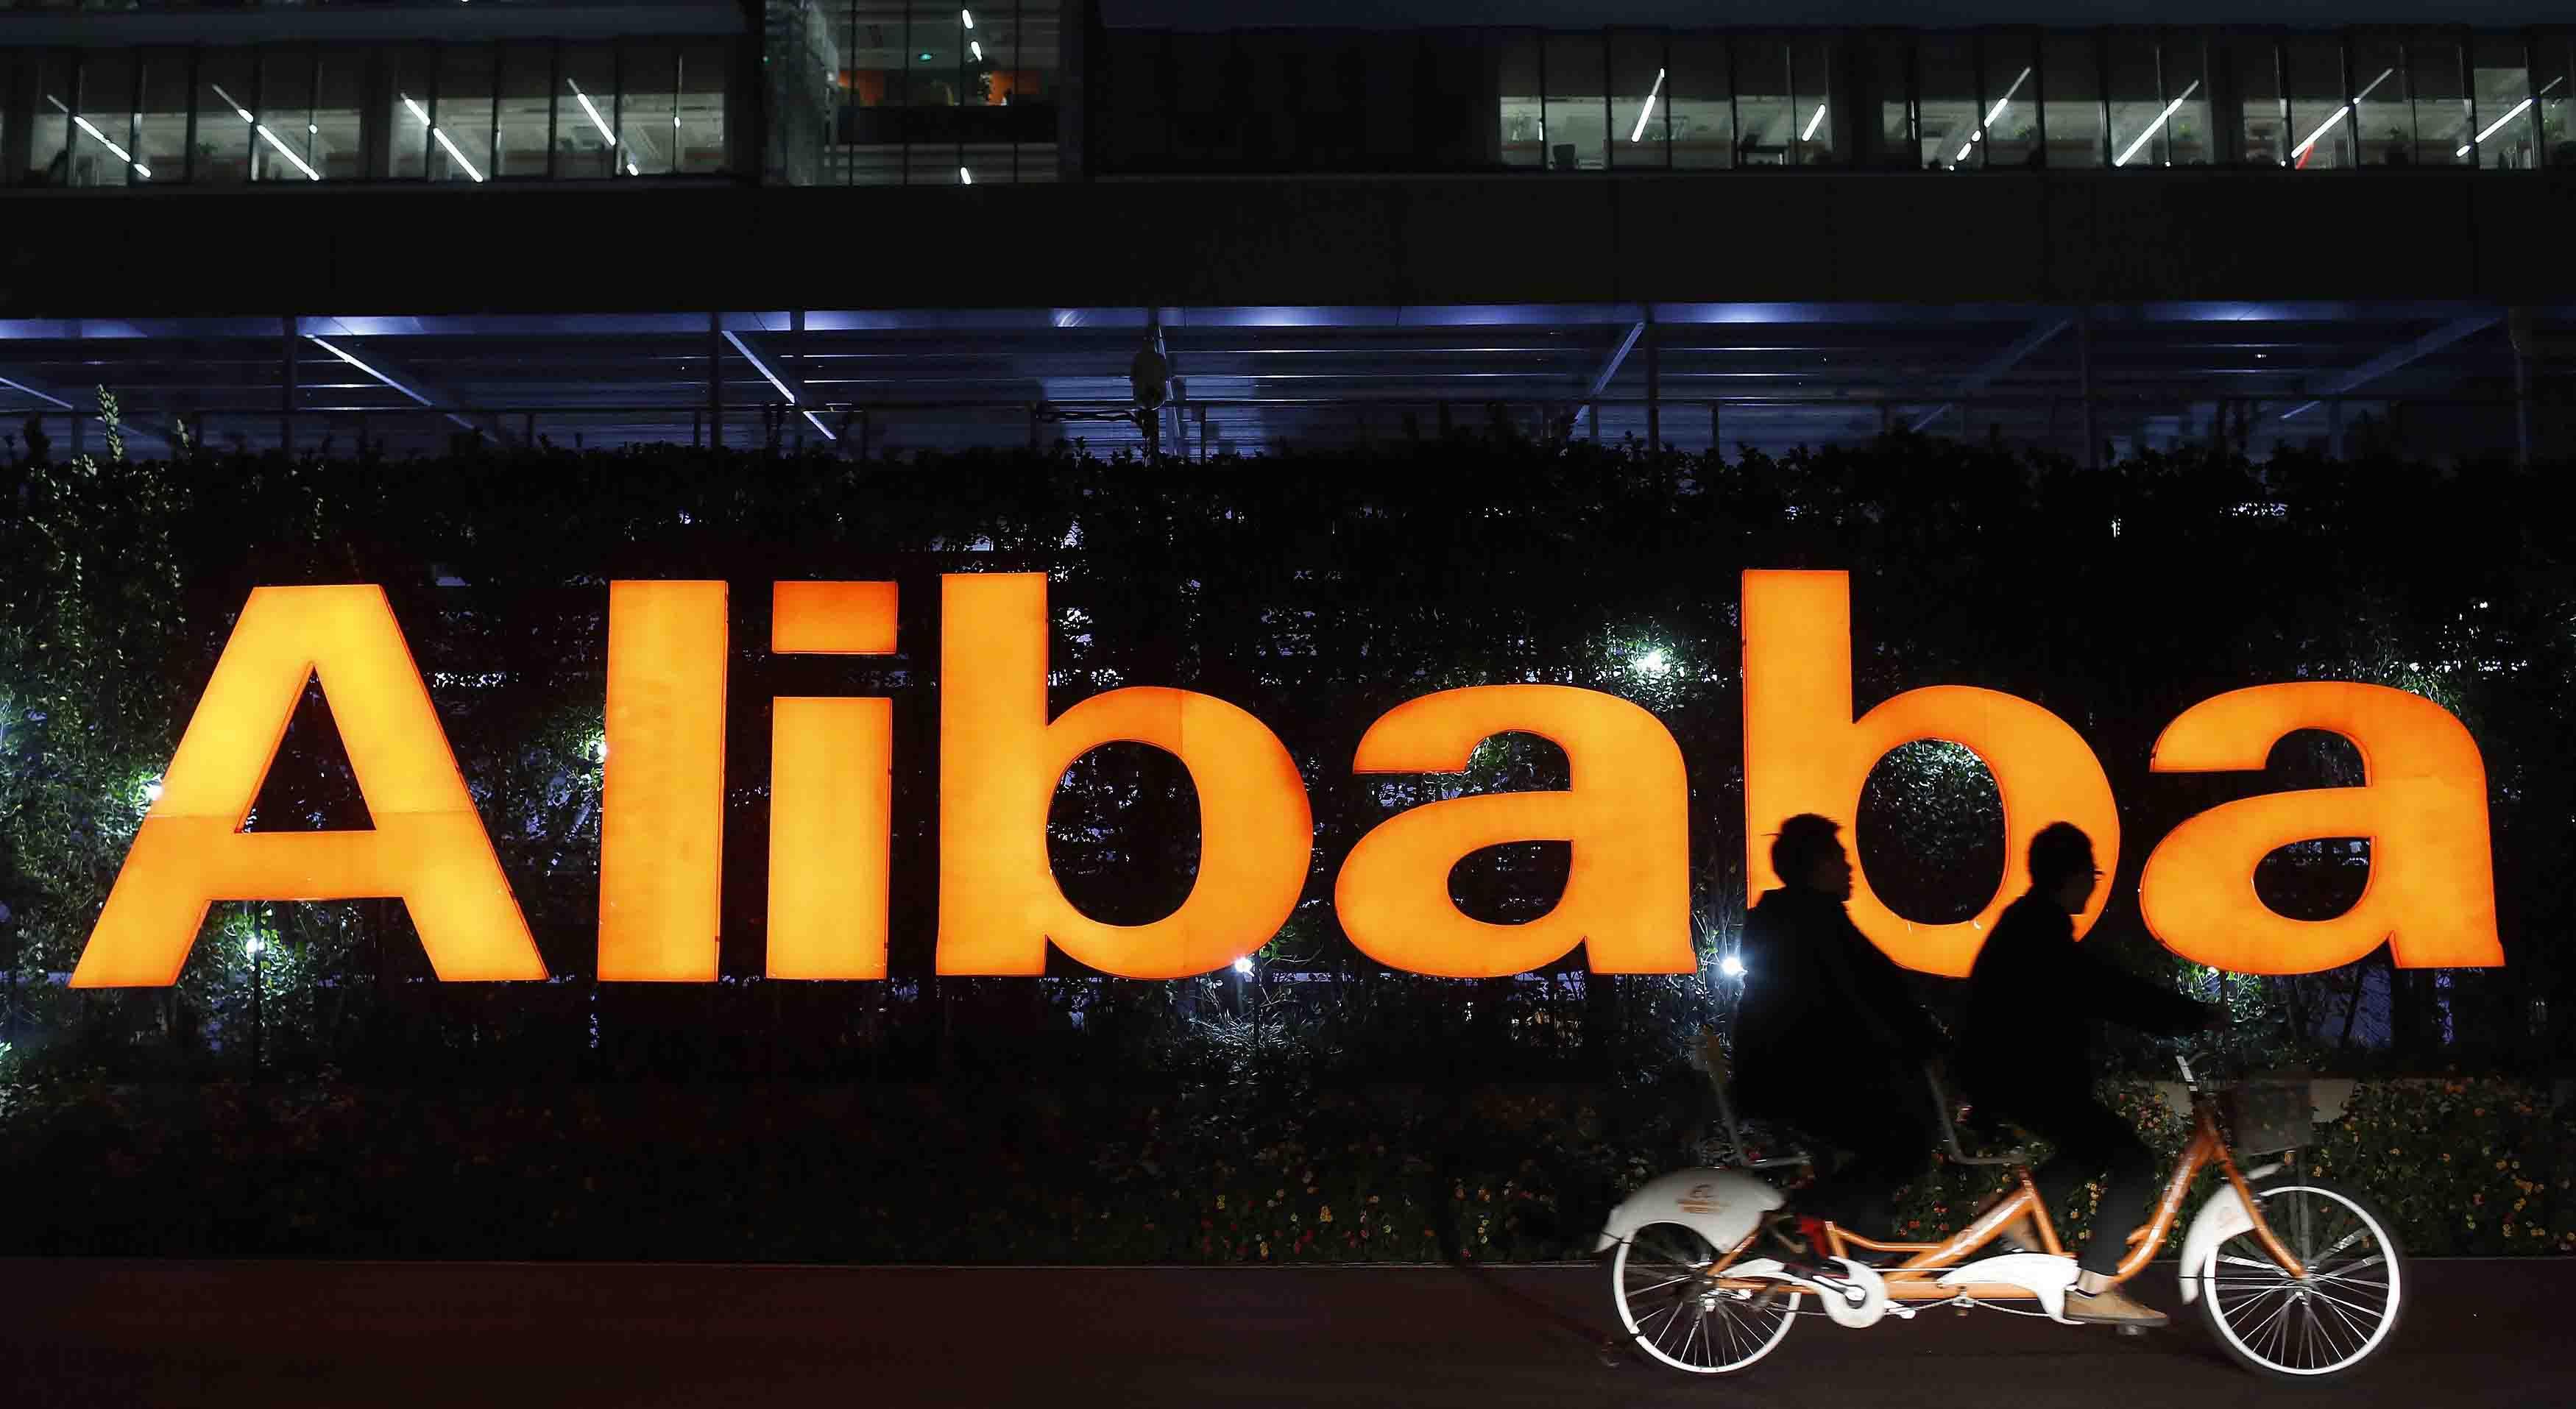 Ganancias anuales de Alibaba crecieron 6.6% por recuperación de China